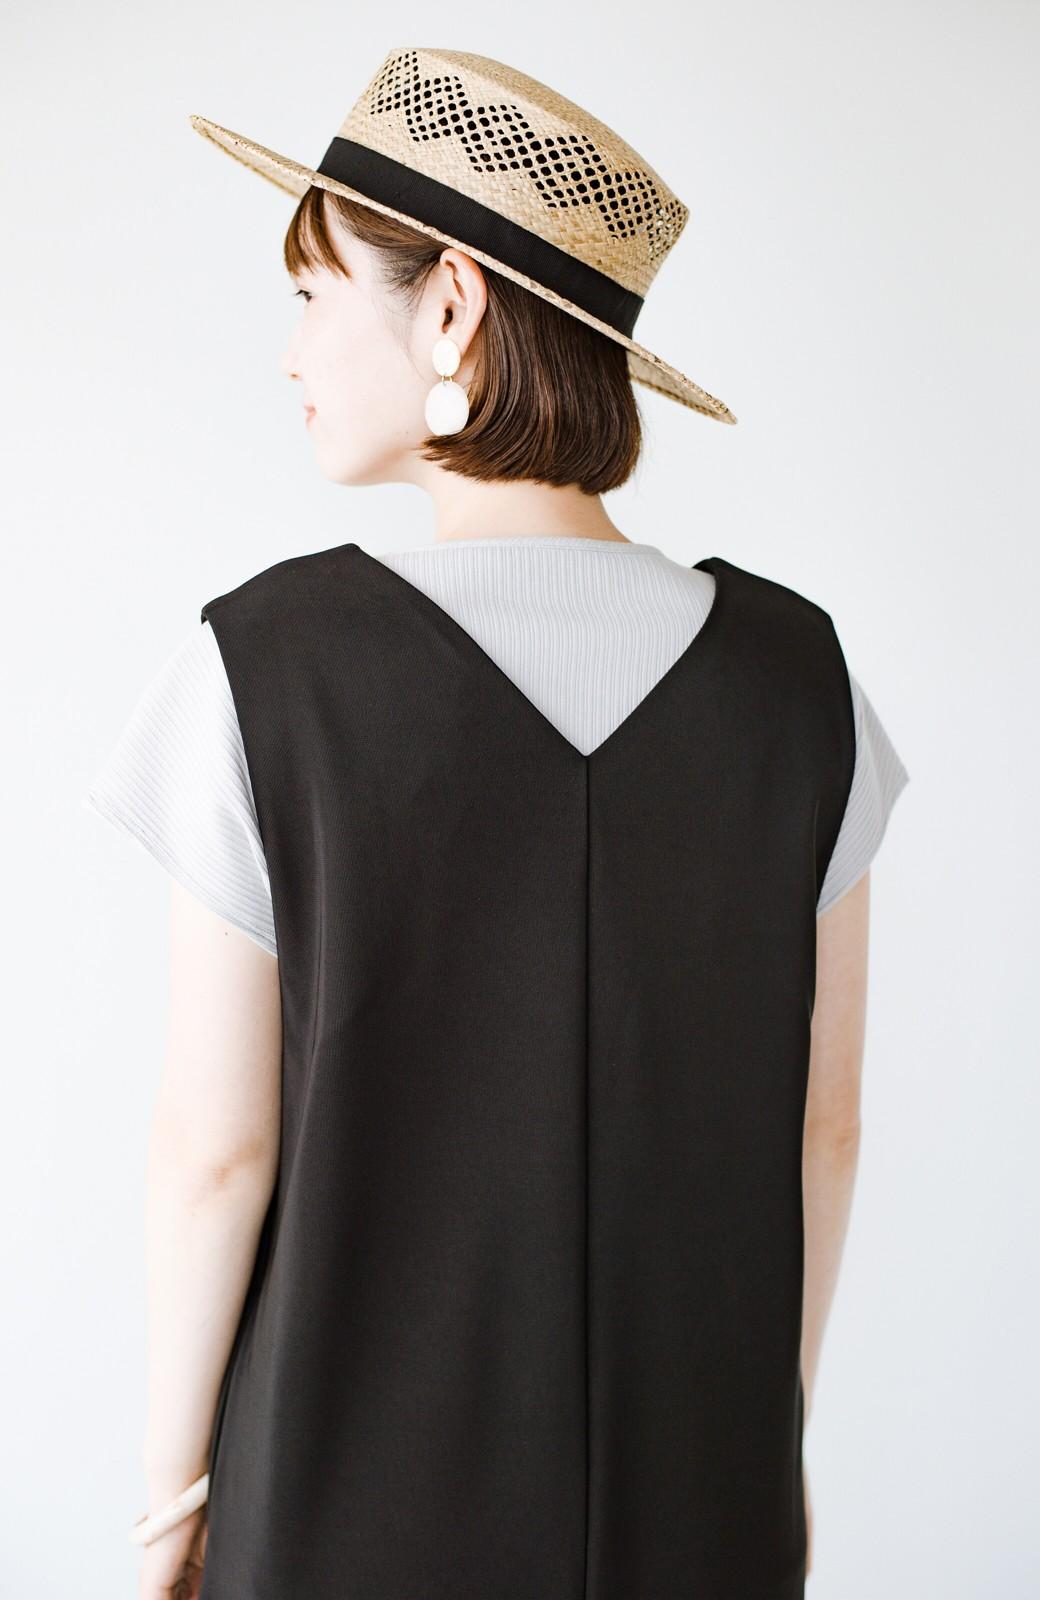 haco! 暑いねと寒いねを言い合える 続く日々がしあわせ どんな日にも寄り添うジャンパースカート by you made me <ブラック>の商品写真7